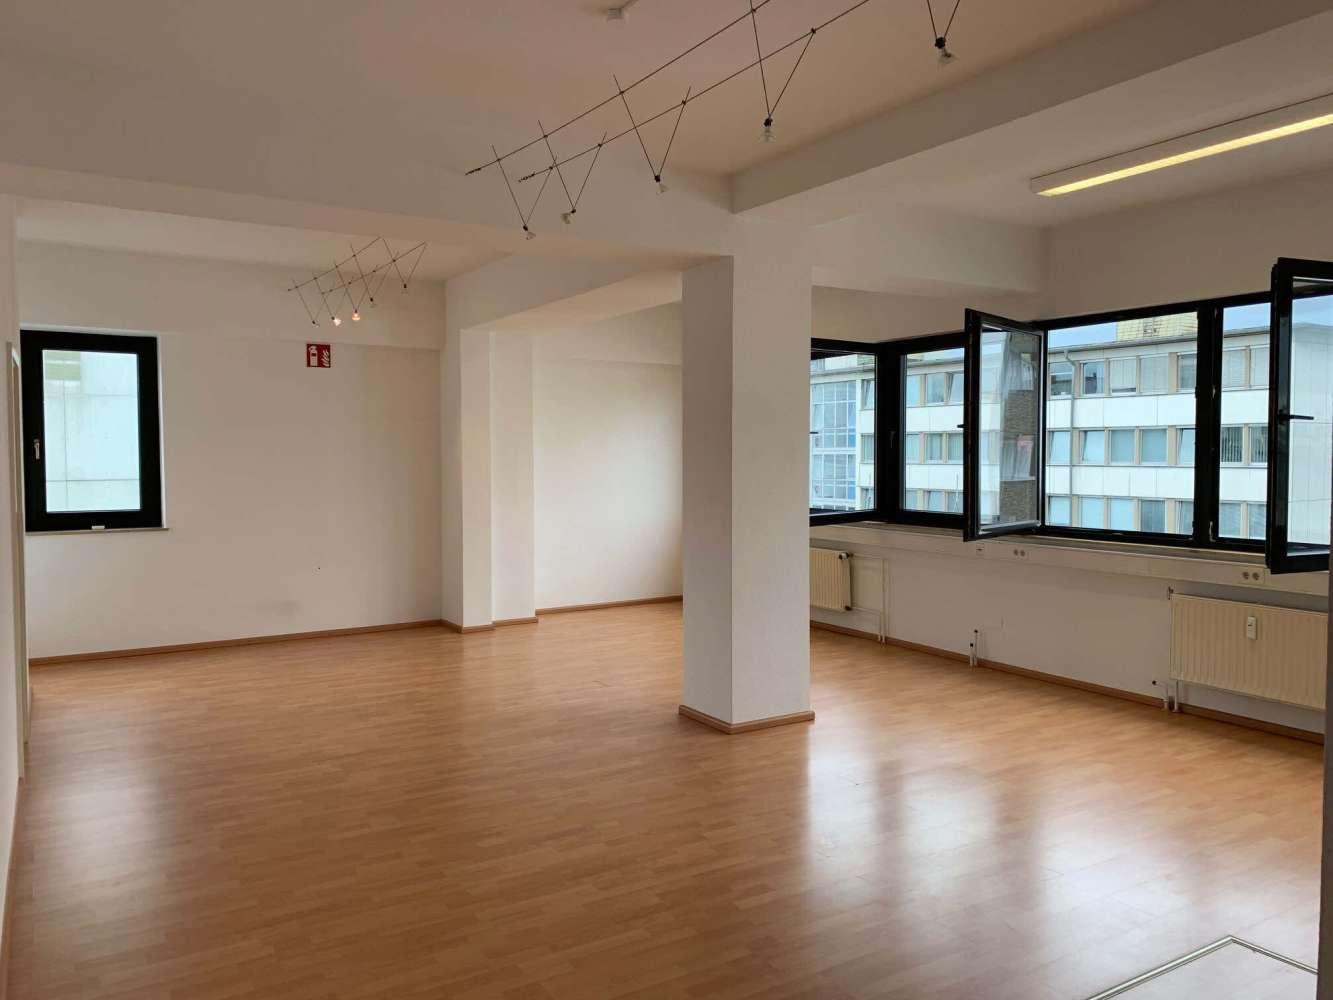 Büros Frankfurt am main, 60313 - Büro - Frankfurt am Main, Innenstadt - F0307 - 10348799